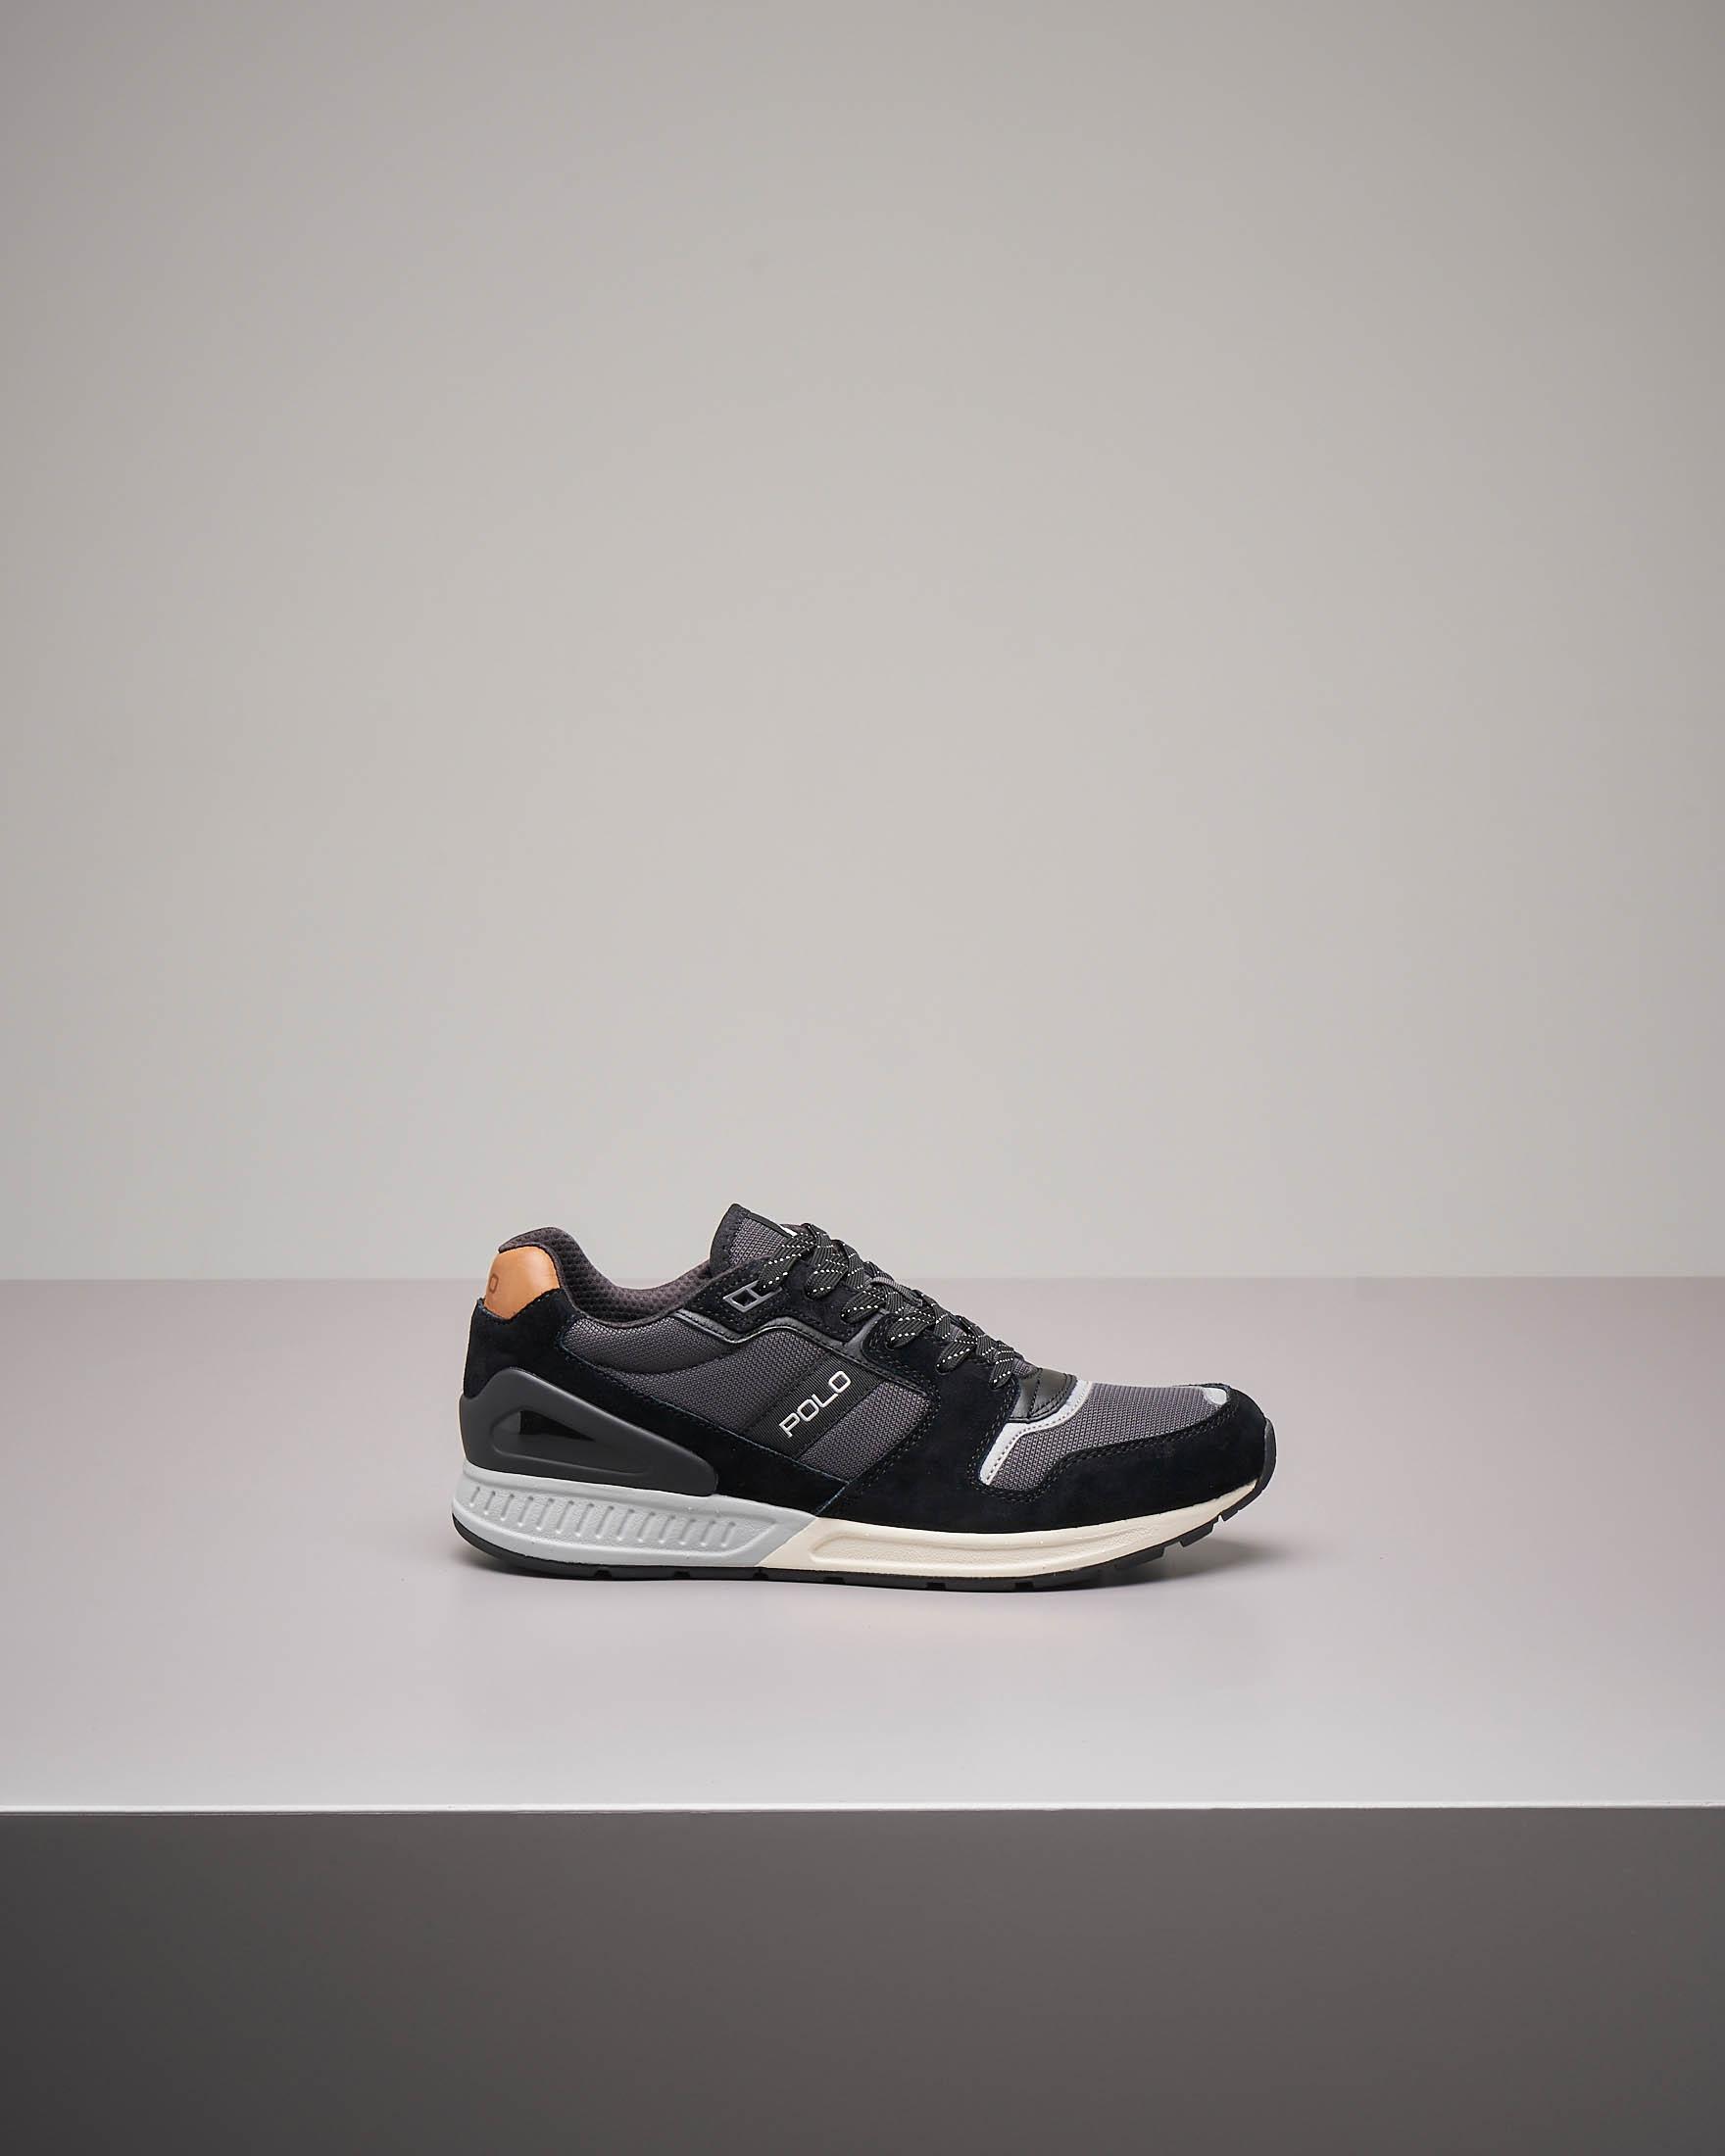 Sneakers nere e grigie con logo